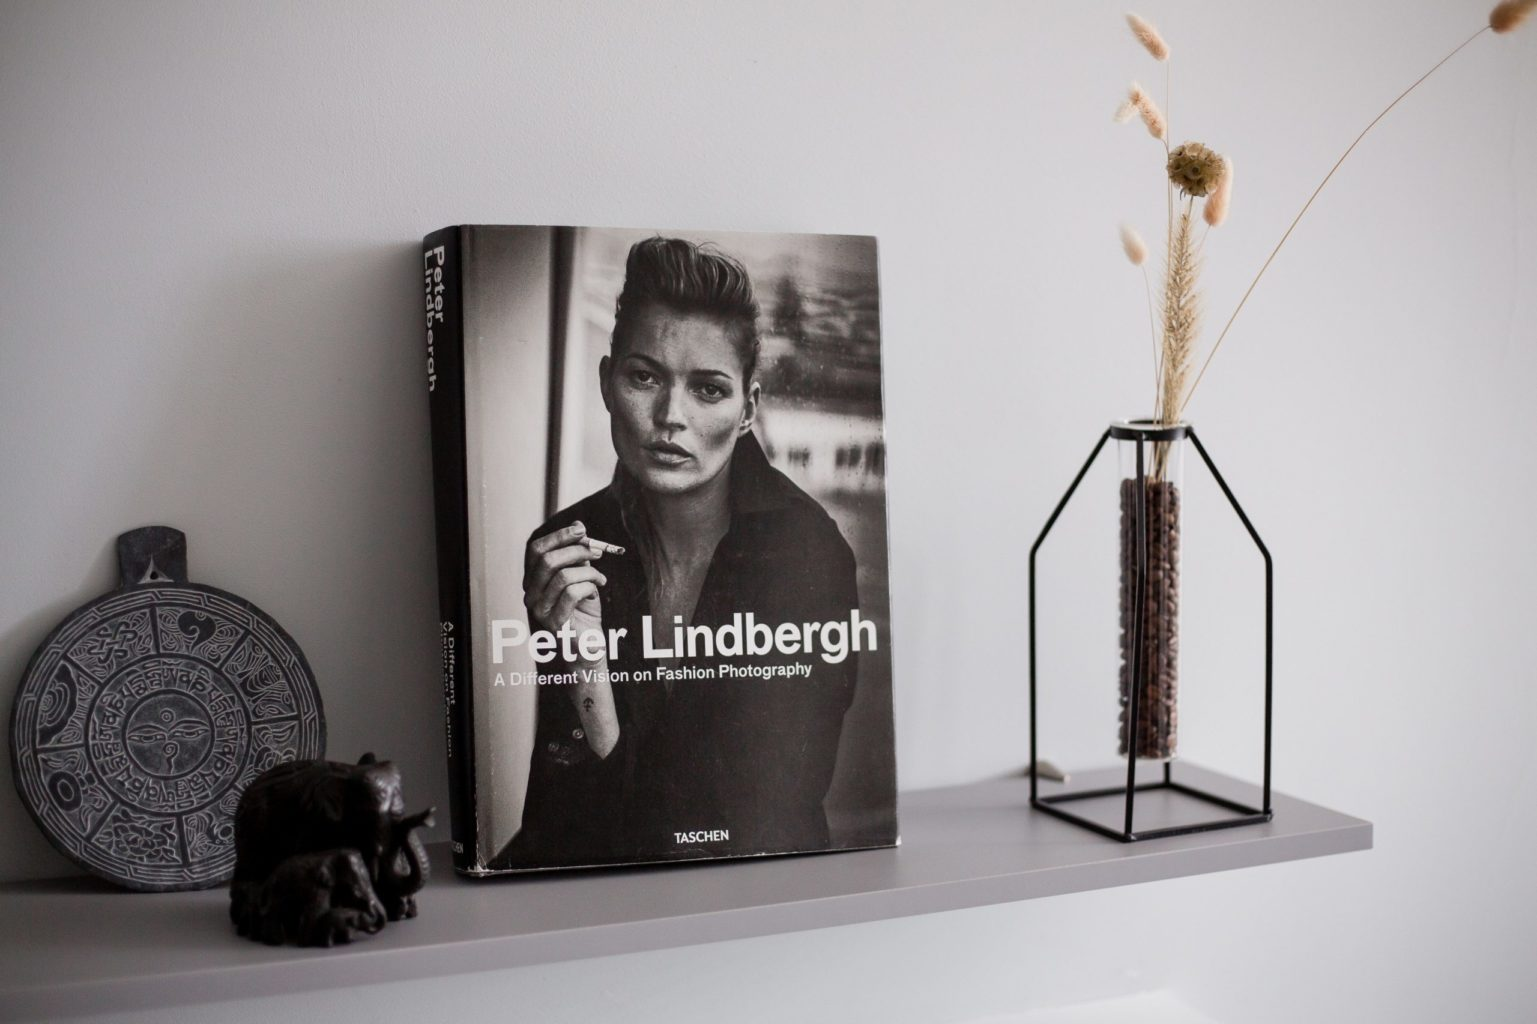 5 замечательных книг, чтобы научиться фотографировать